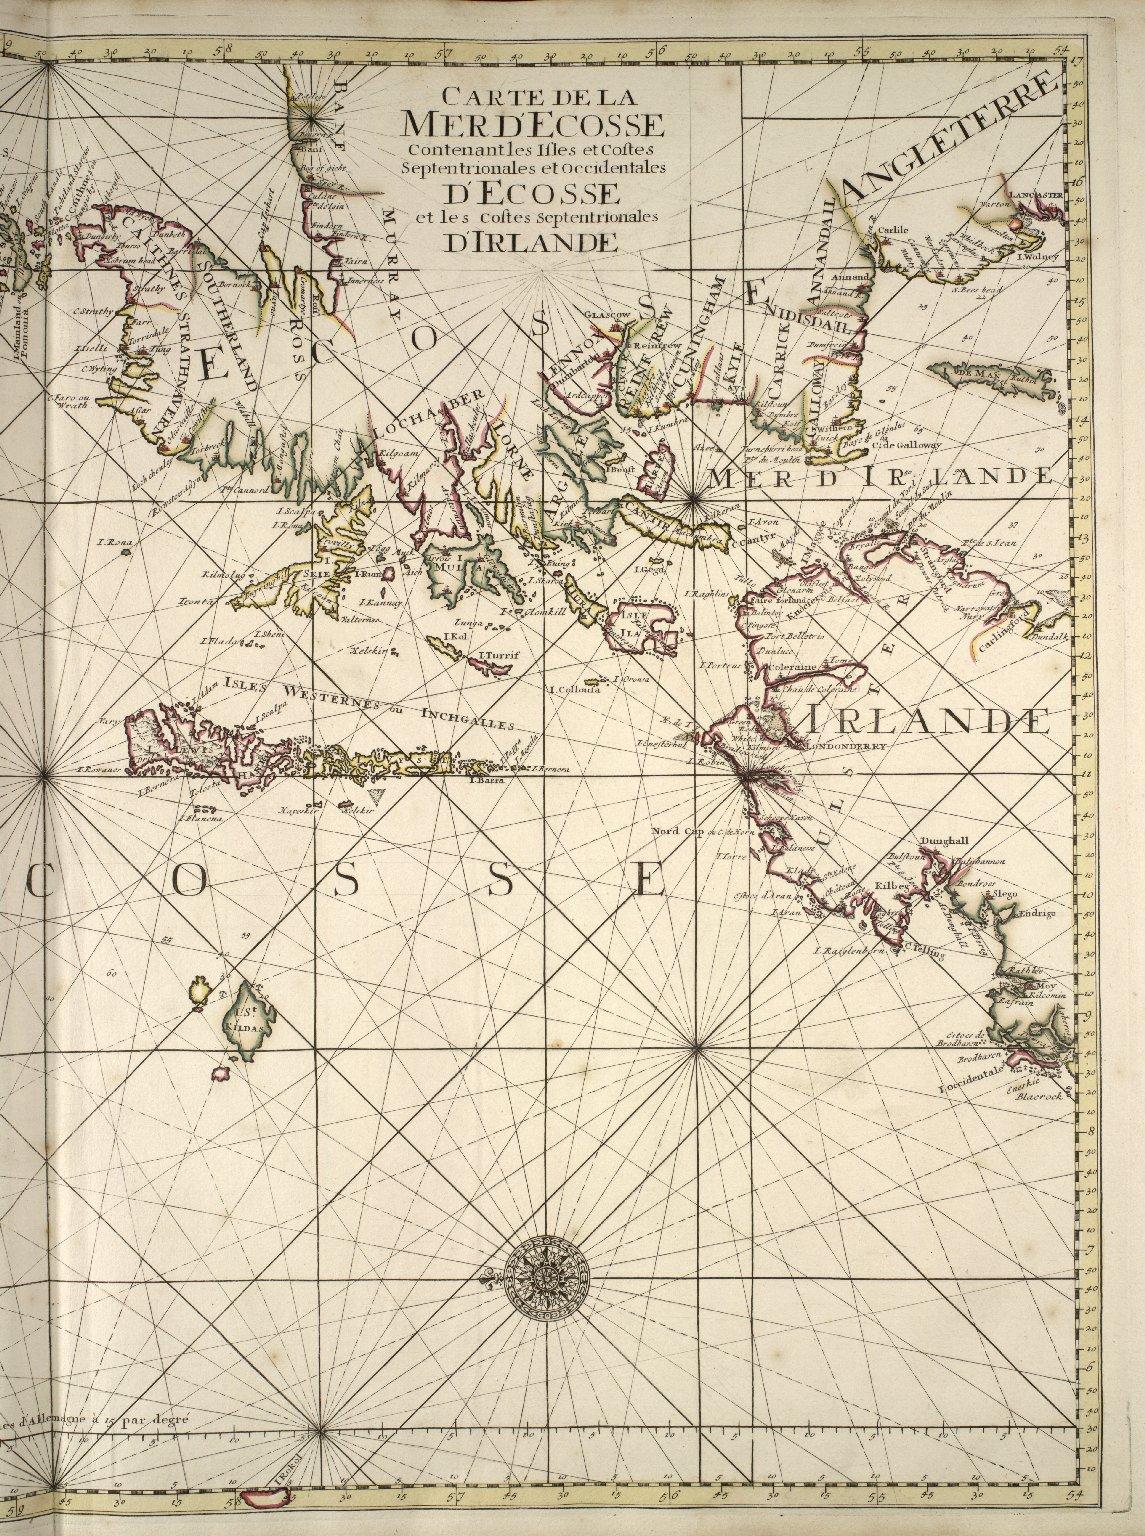 Carte de la Mer d'Ecosse contenant les isles et costes septrentrionales et occidentales d'Ecosse et les costes septentrionales d' Irlande. [1 of 2]